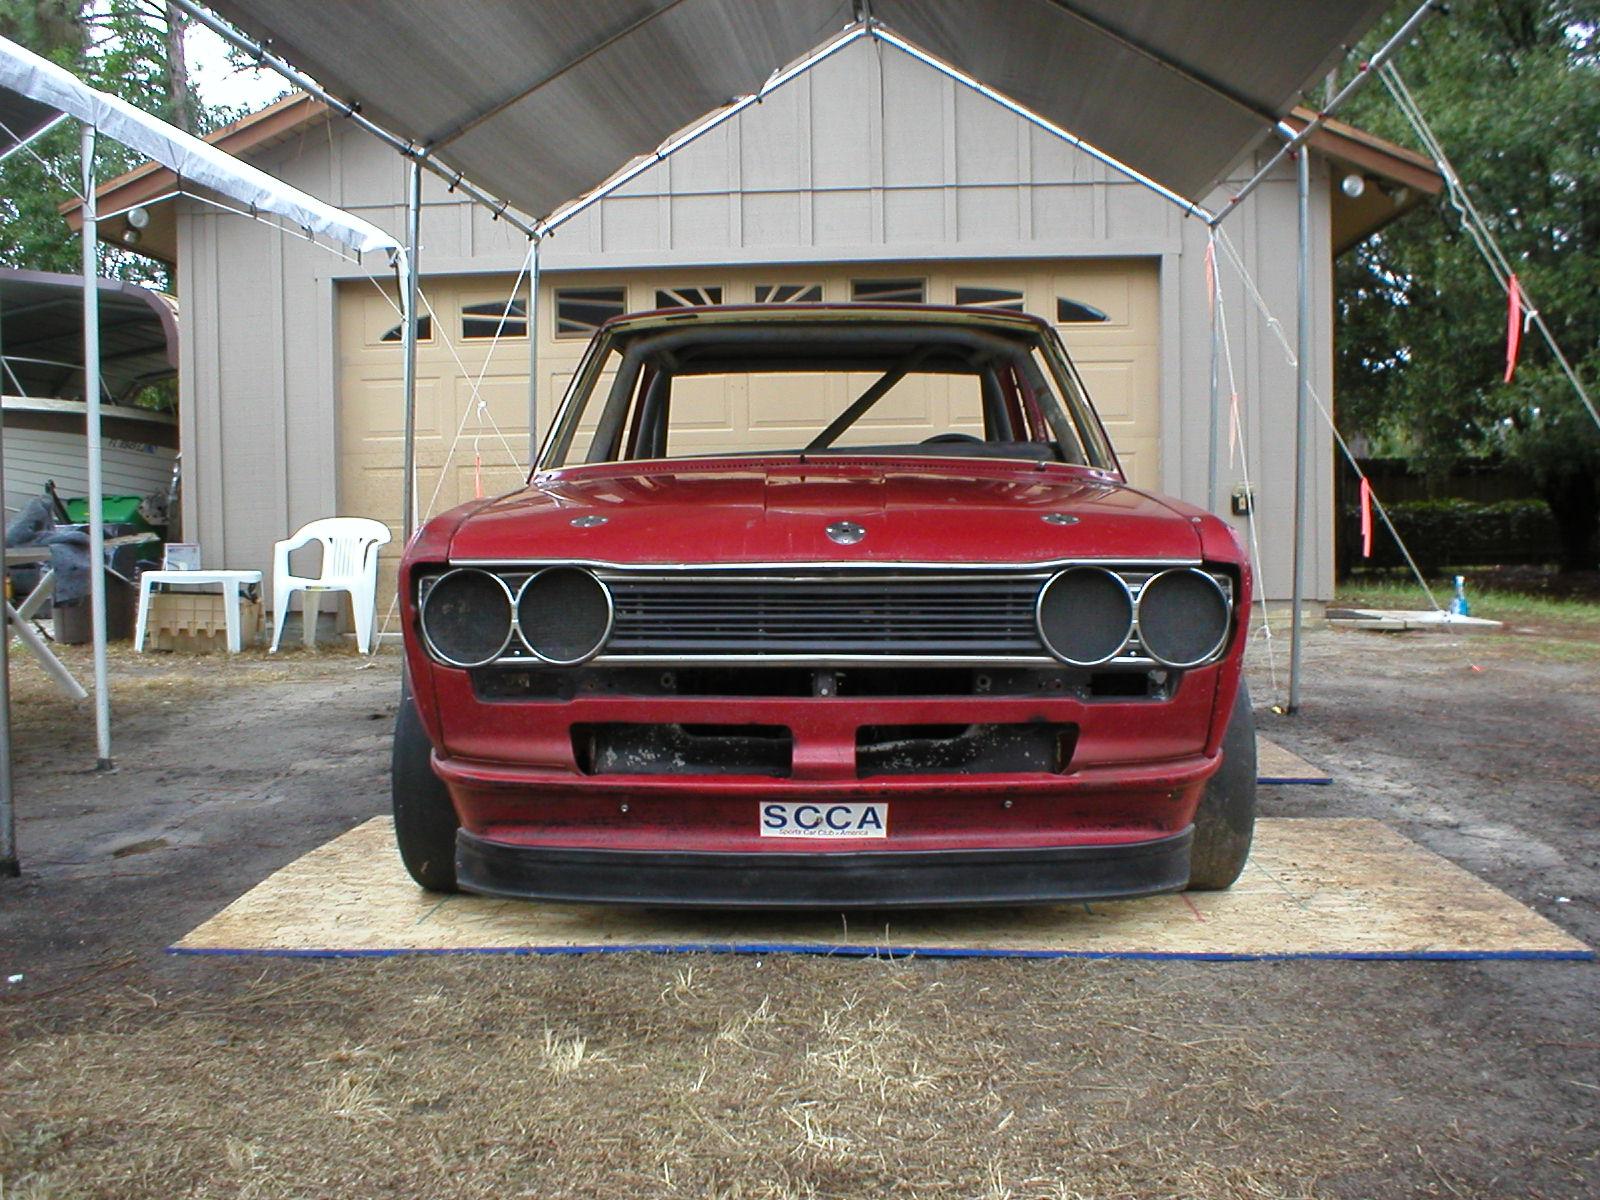 1969 PL 510 FOR SALE $5200: 1969 DATSUN PL 510 ROAD RACE CAR FOR ...